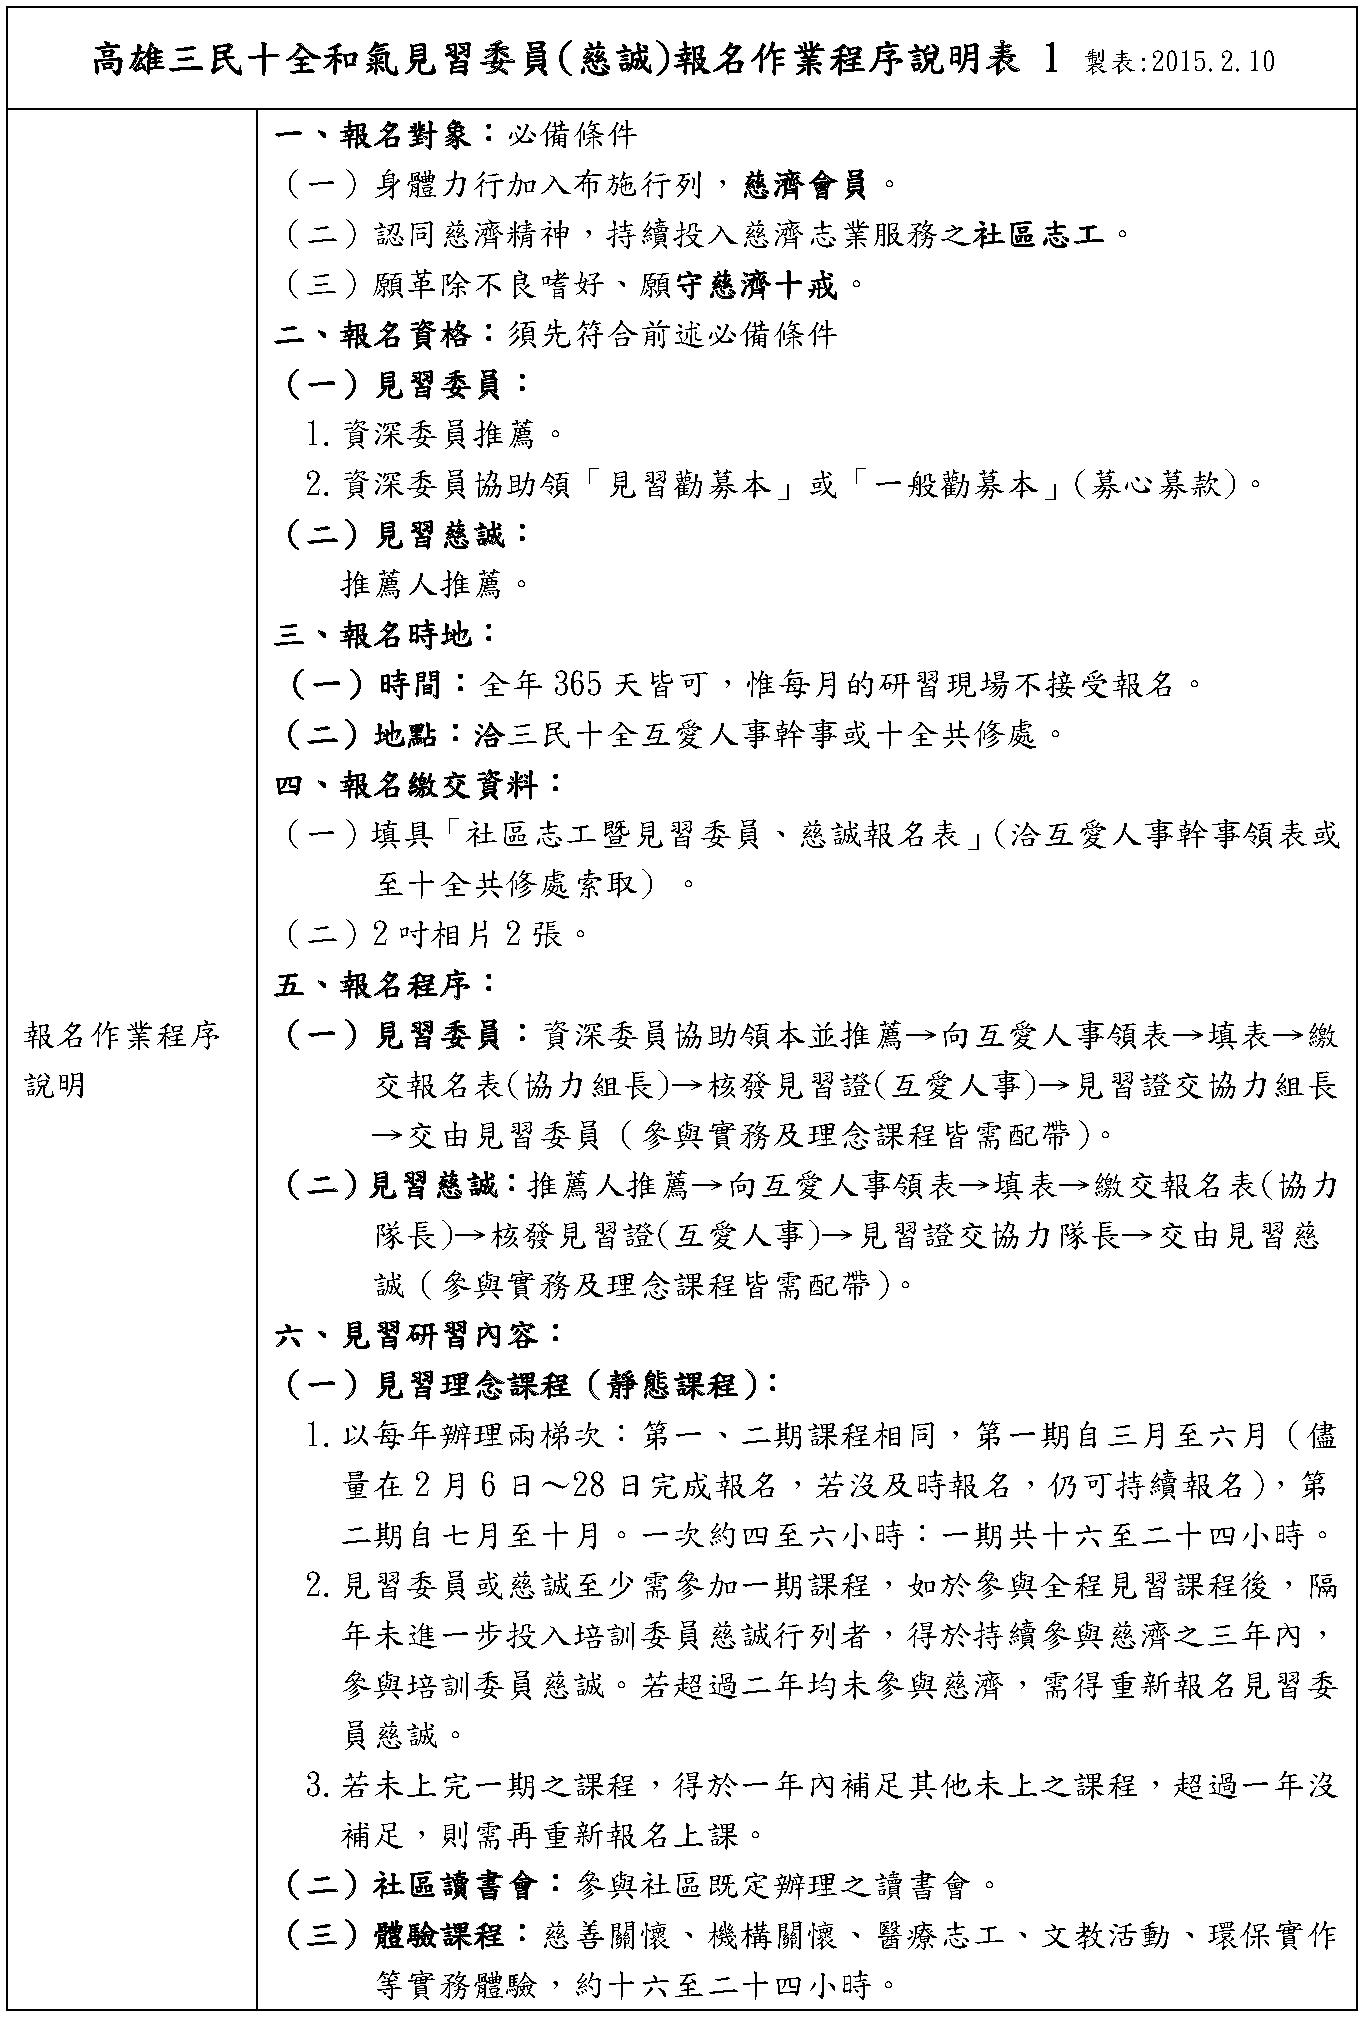 三民十全和氣見習委員程序說明表及流程_頁面_1.png